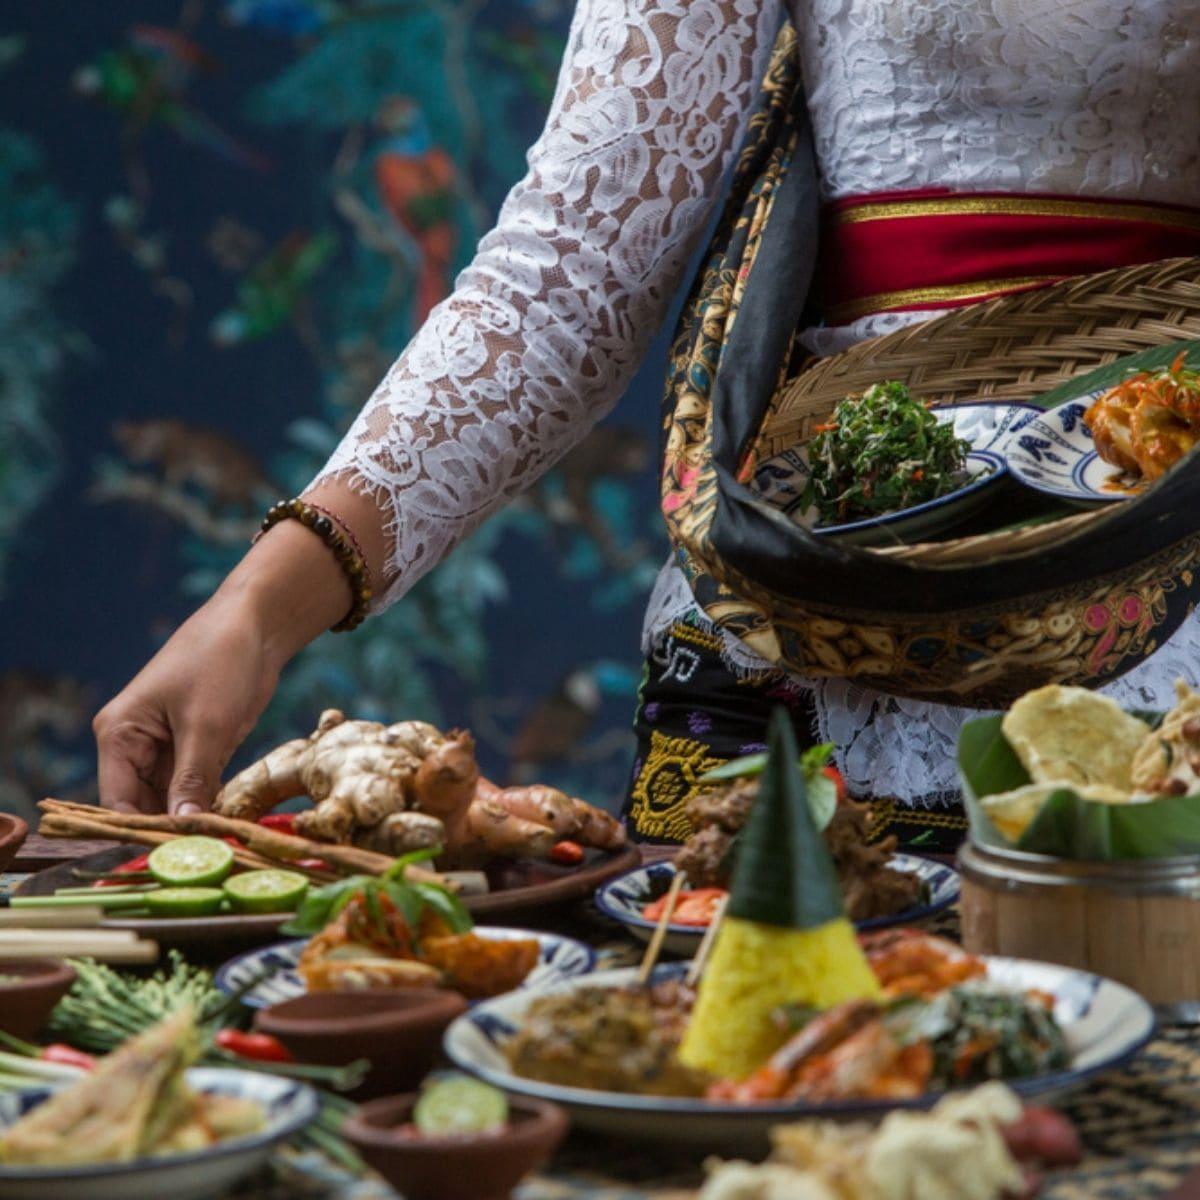 Wisata Kuliner 9 Tempat Makan Legendaris Bali yang Wajib Dikunjungi